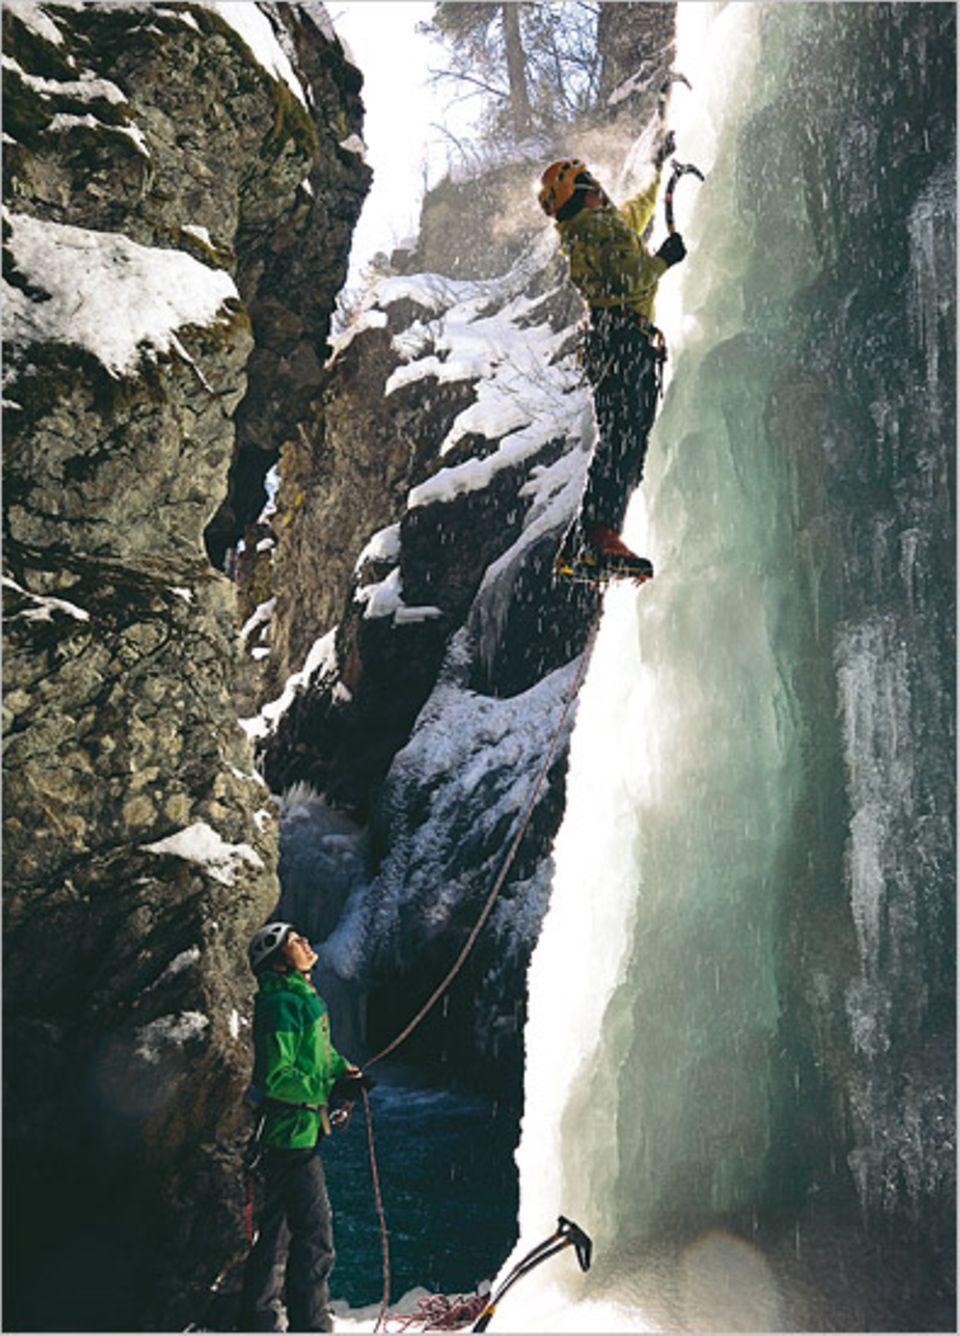 Schmelzwasser und gleißendes Licht: Autorin Carola Feddersen erkundet zusammen mit Bergführer Chris Semmler den gefrorenen Wasserfall in Pontresina